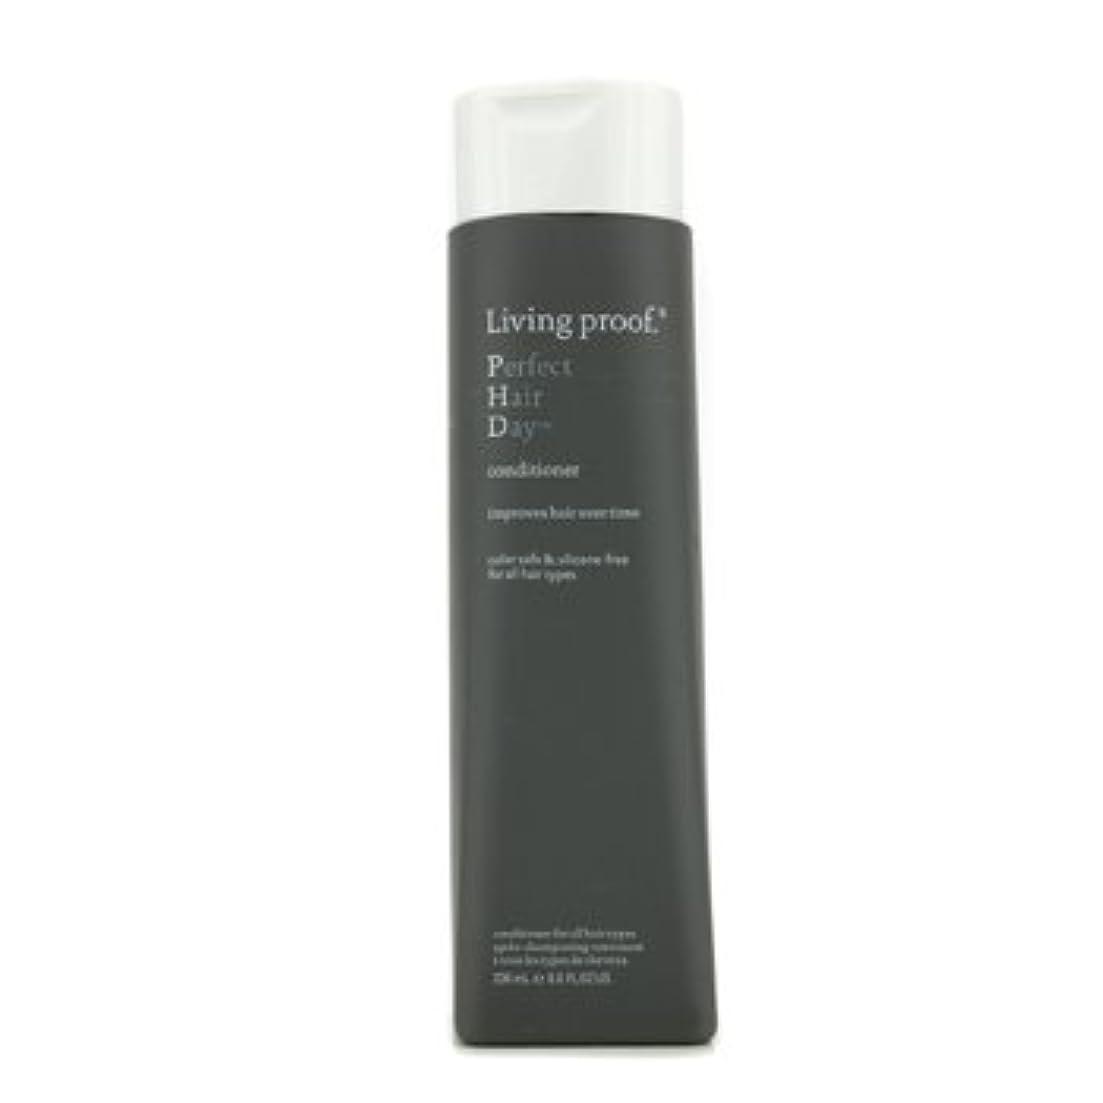 その後満足させる拘束する[Living Proof] Perfect Hair Day (PHD) Conditioner (For All Hair Types) 236ml/8oz